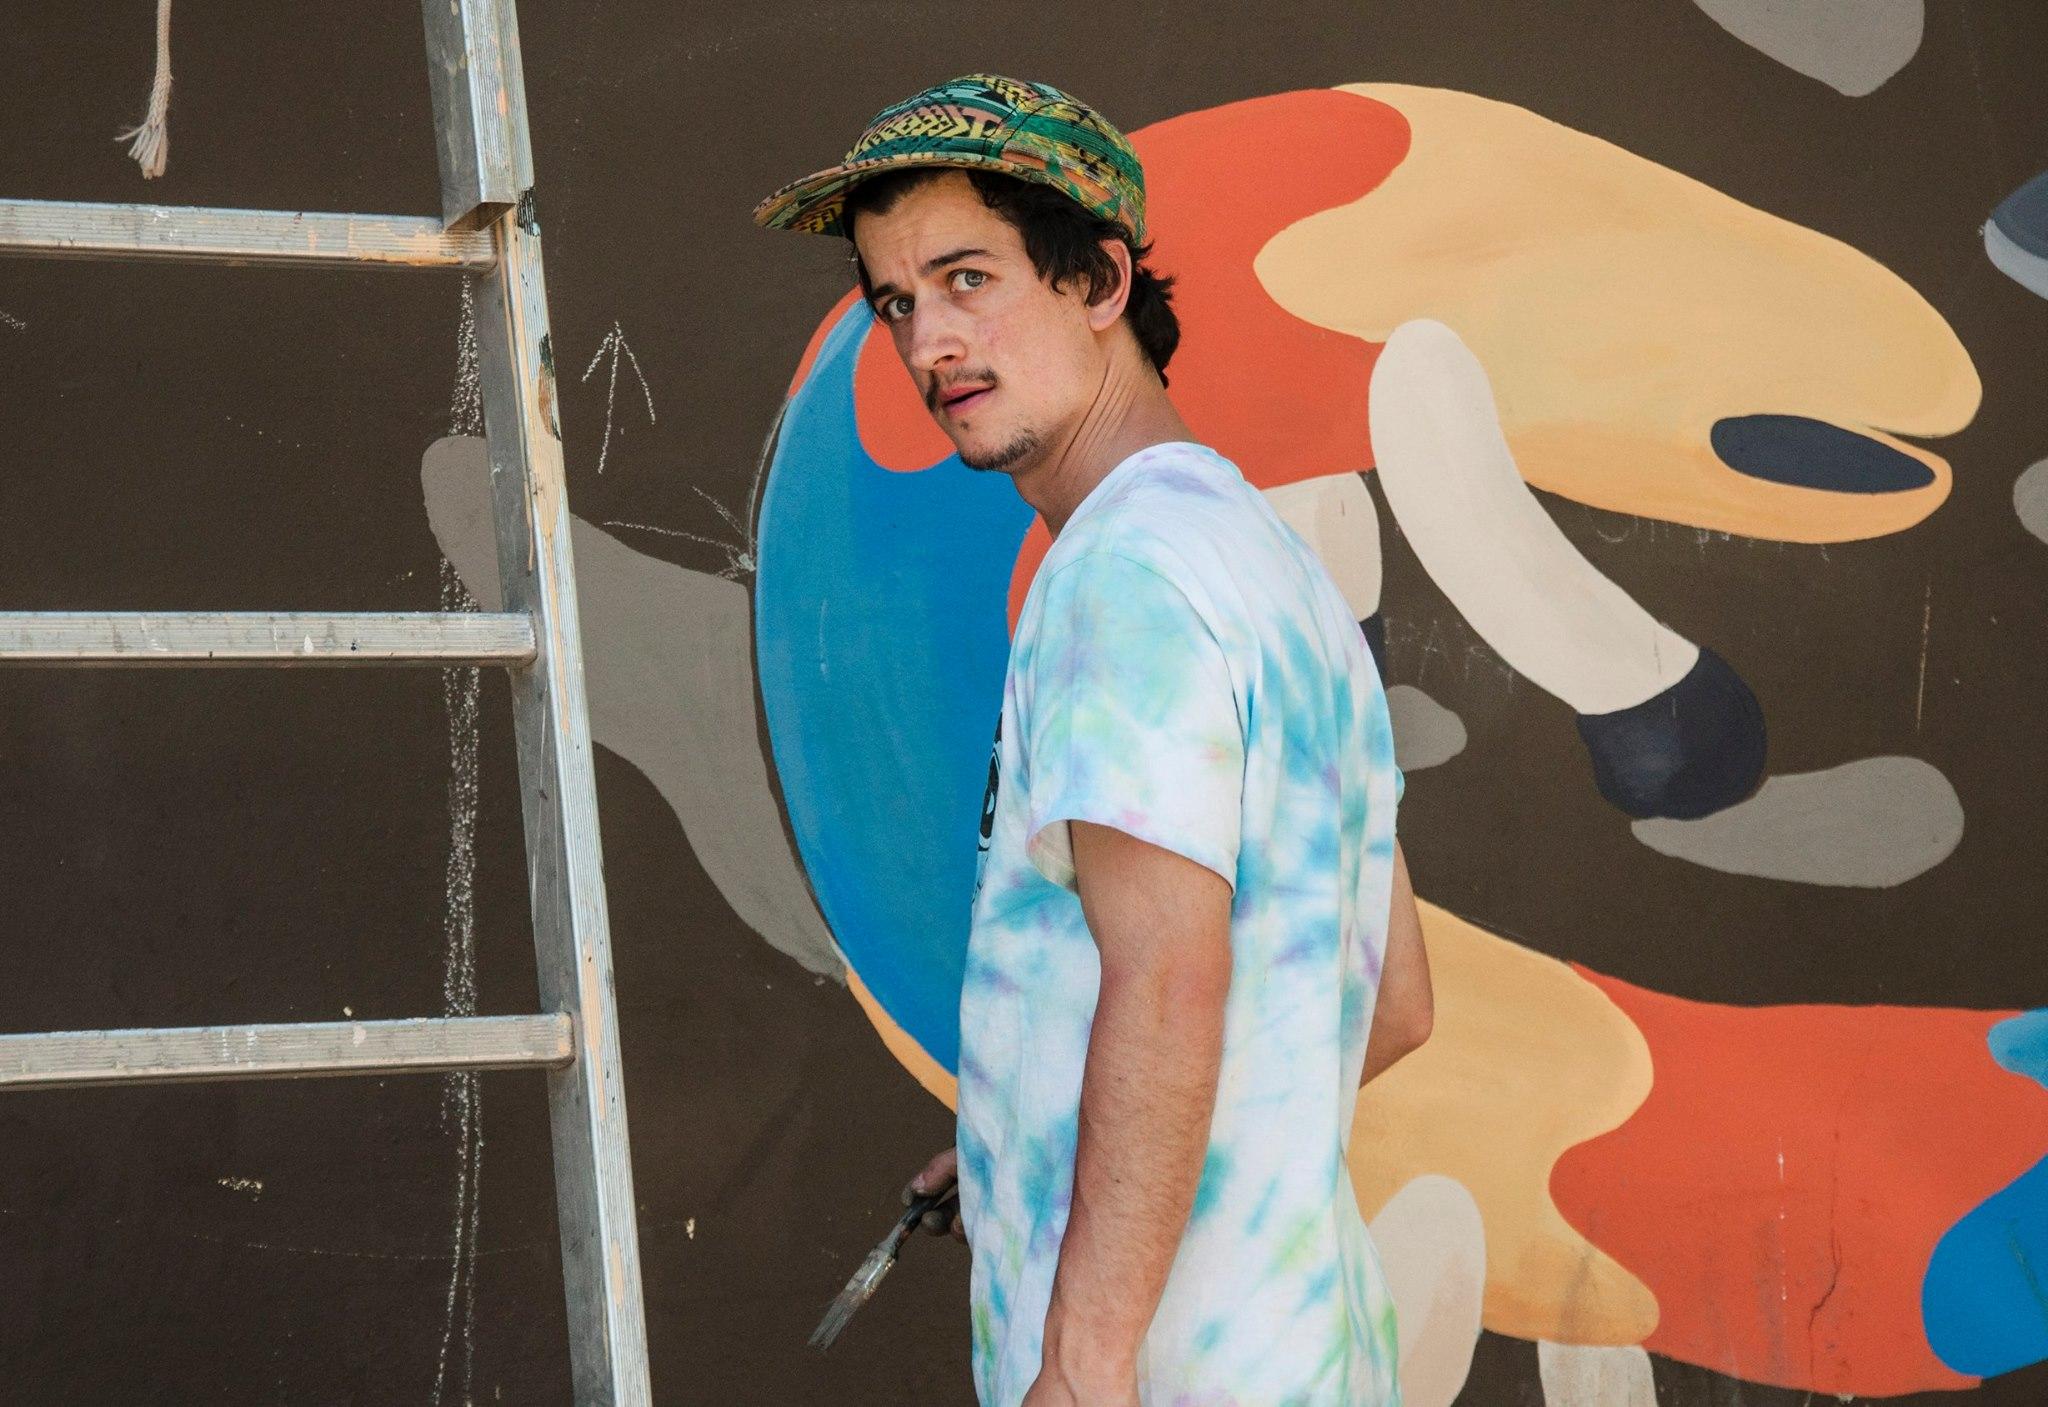 martin-ferreyra-new-mural-for-oficio-residence-04